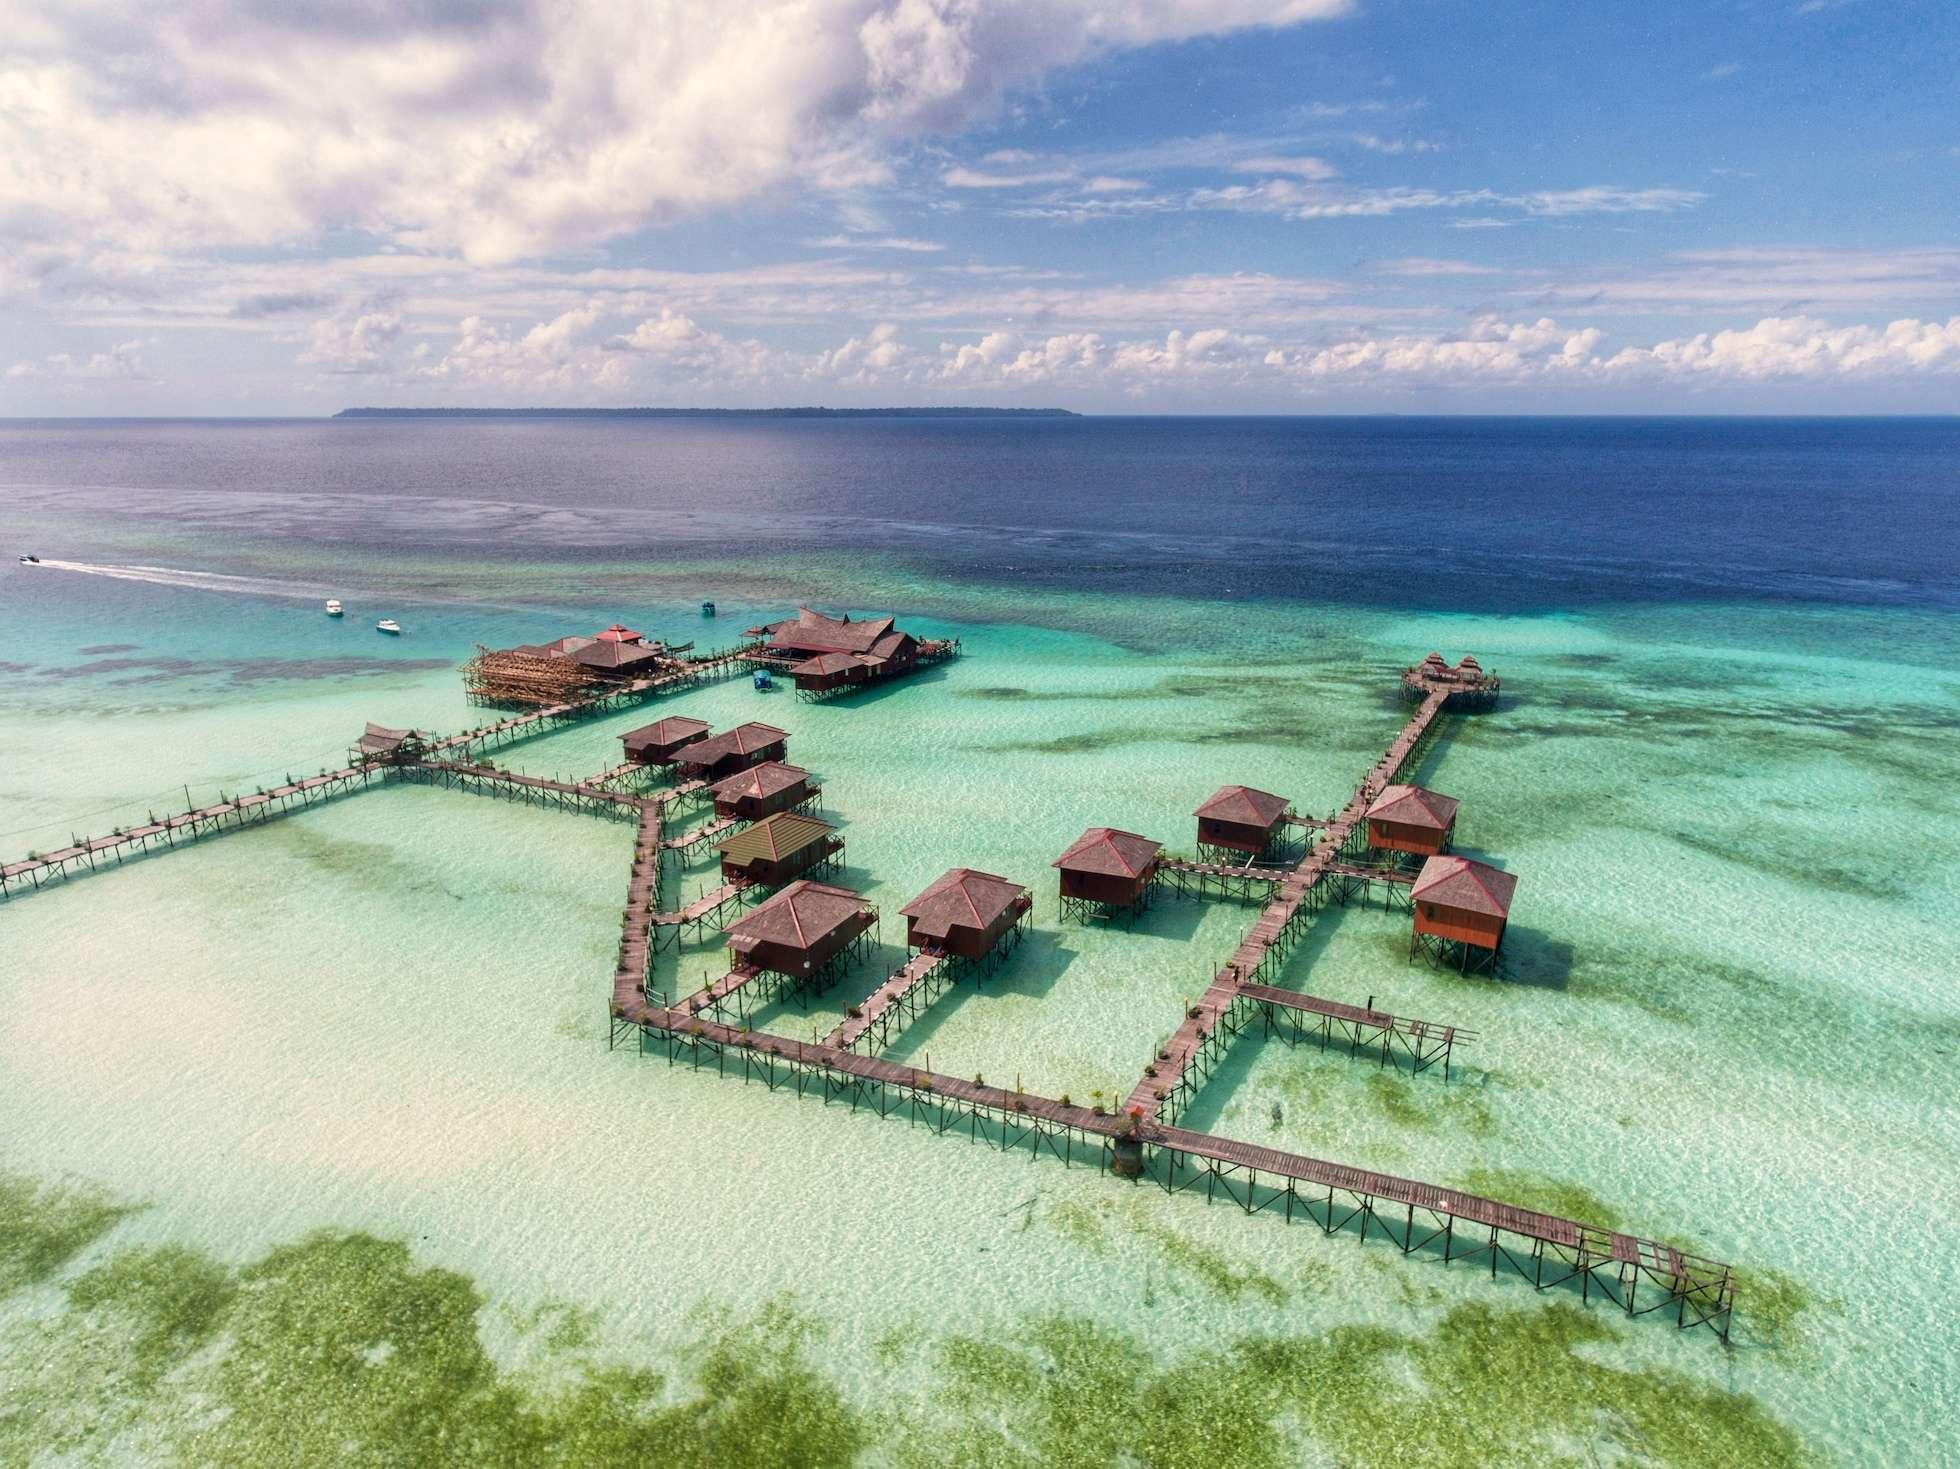 Wisata Ke Kepulauan Derawan